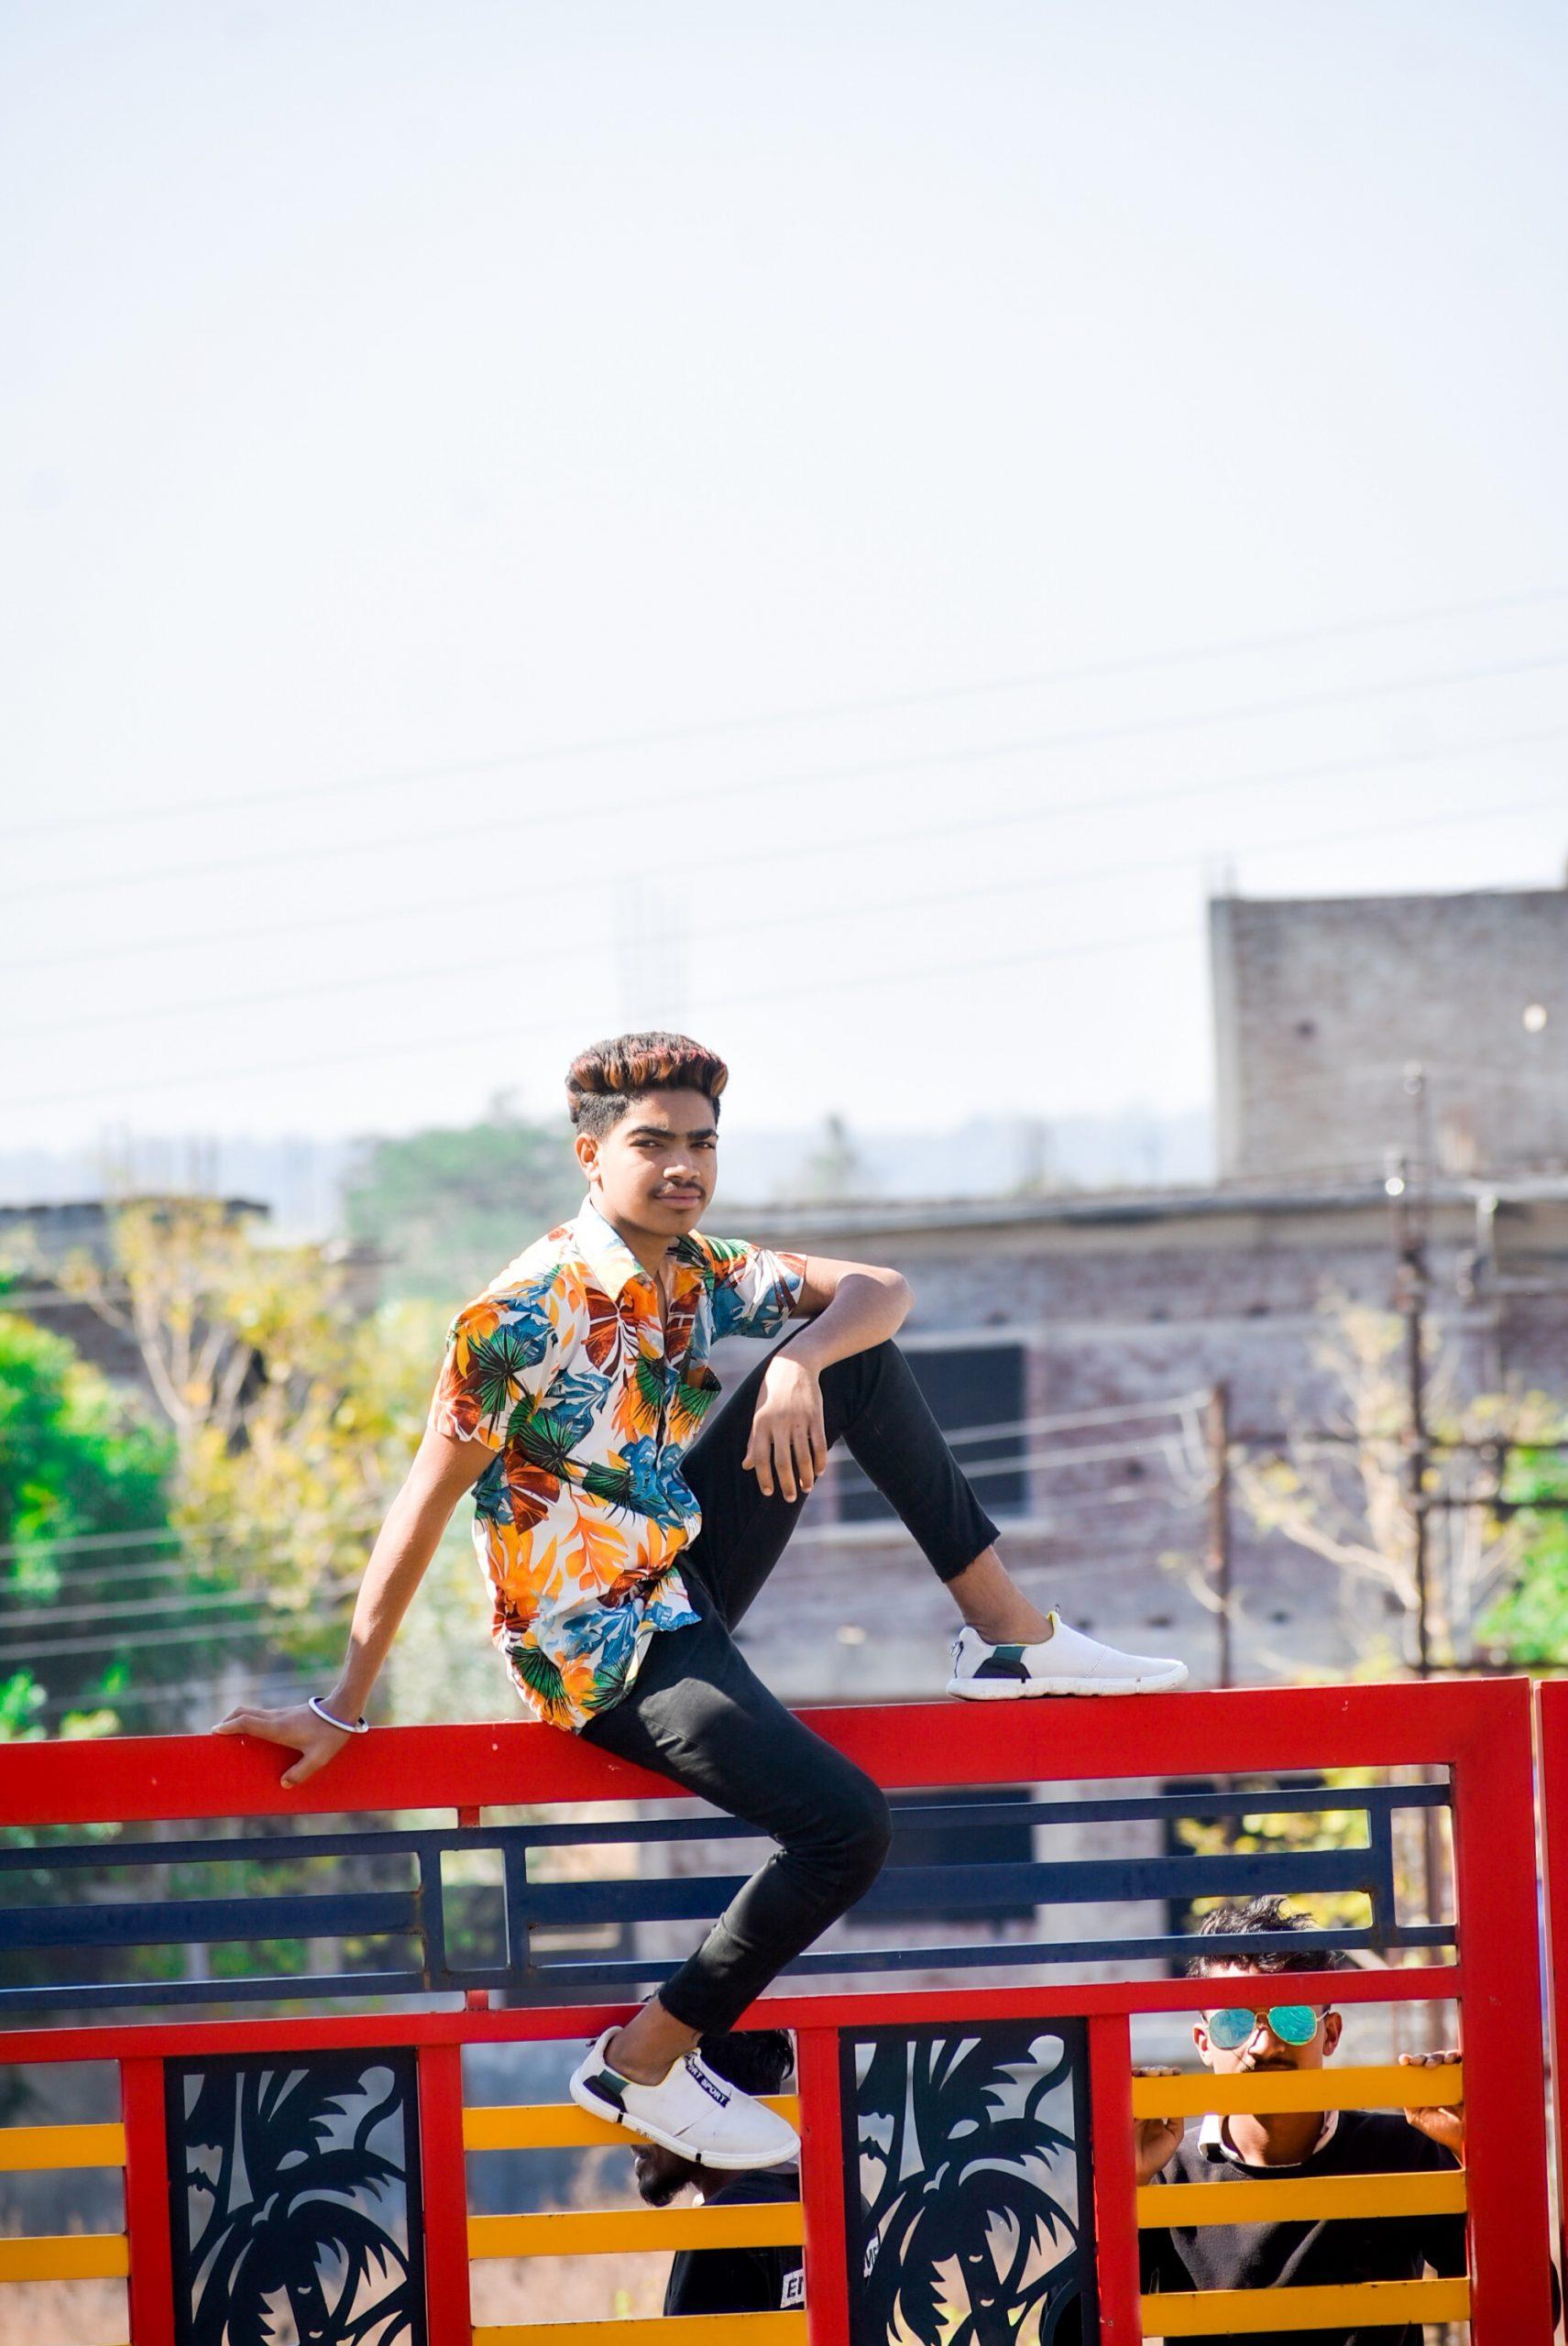 A boy sitting on a railing